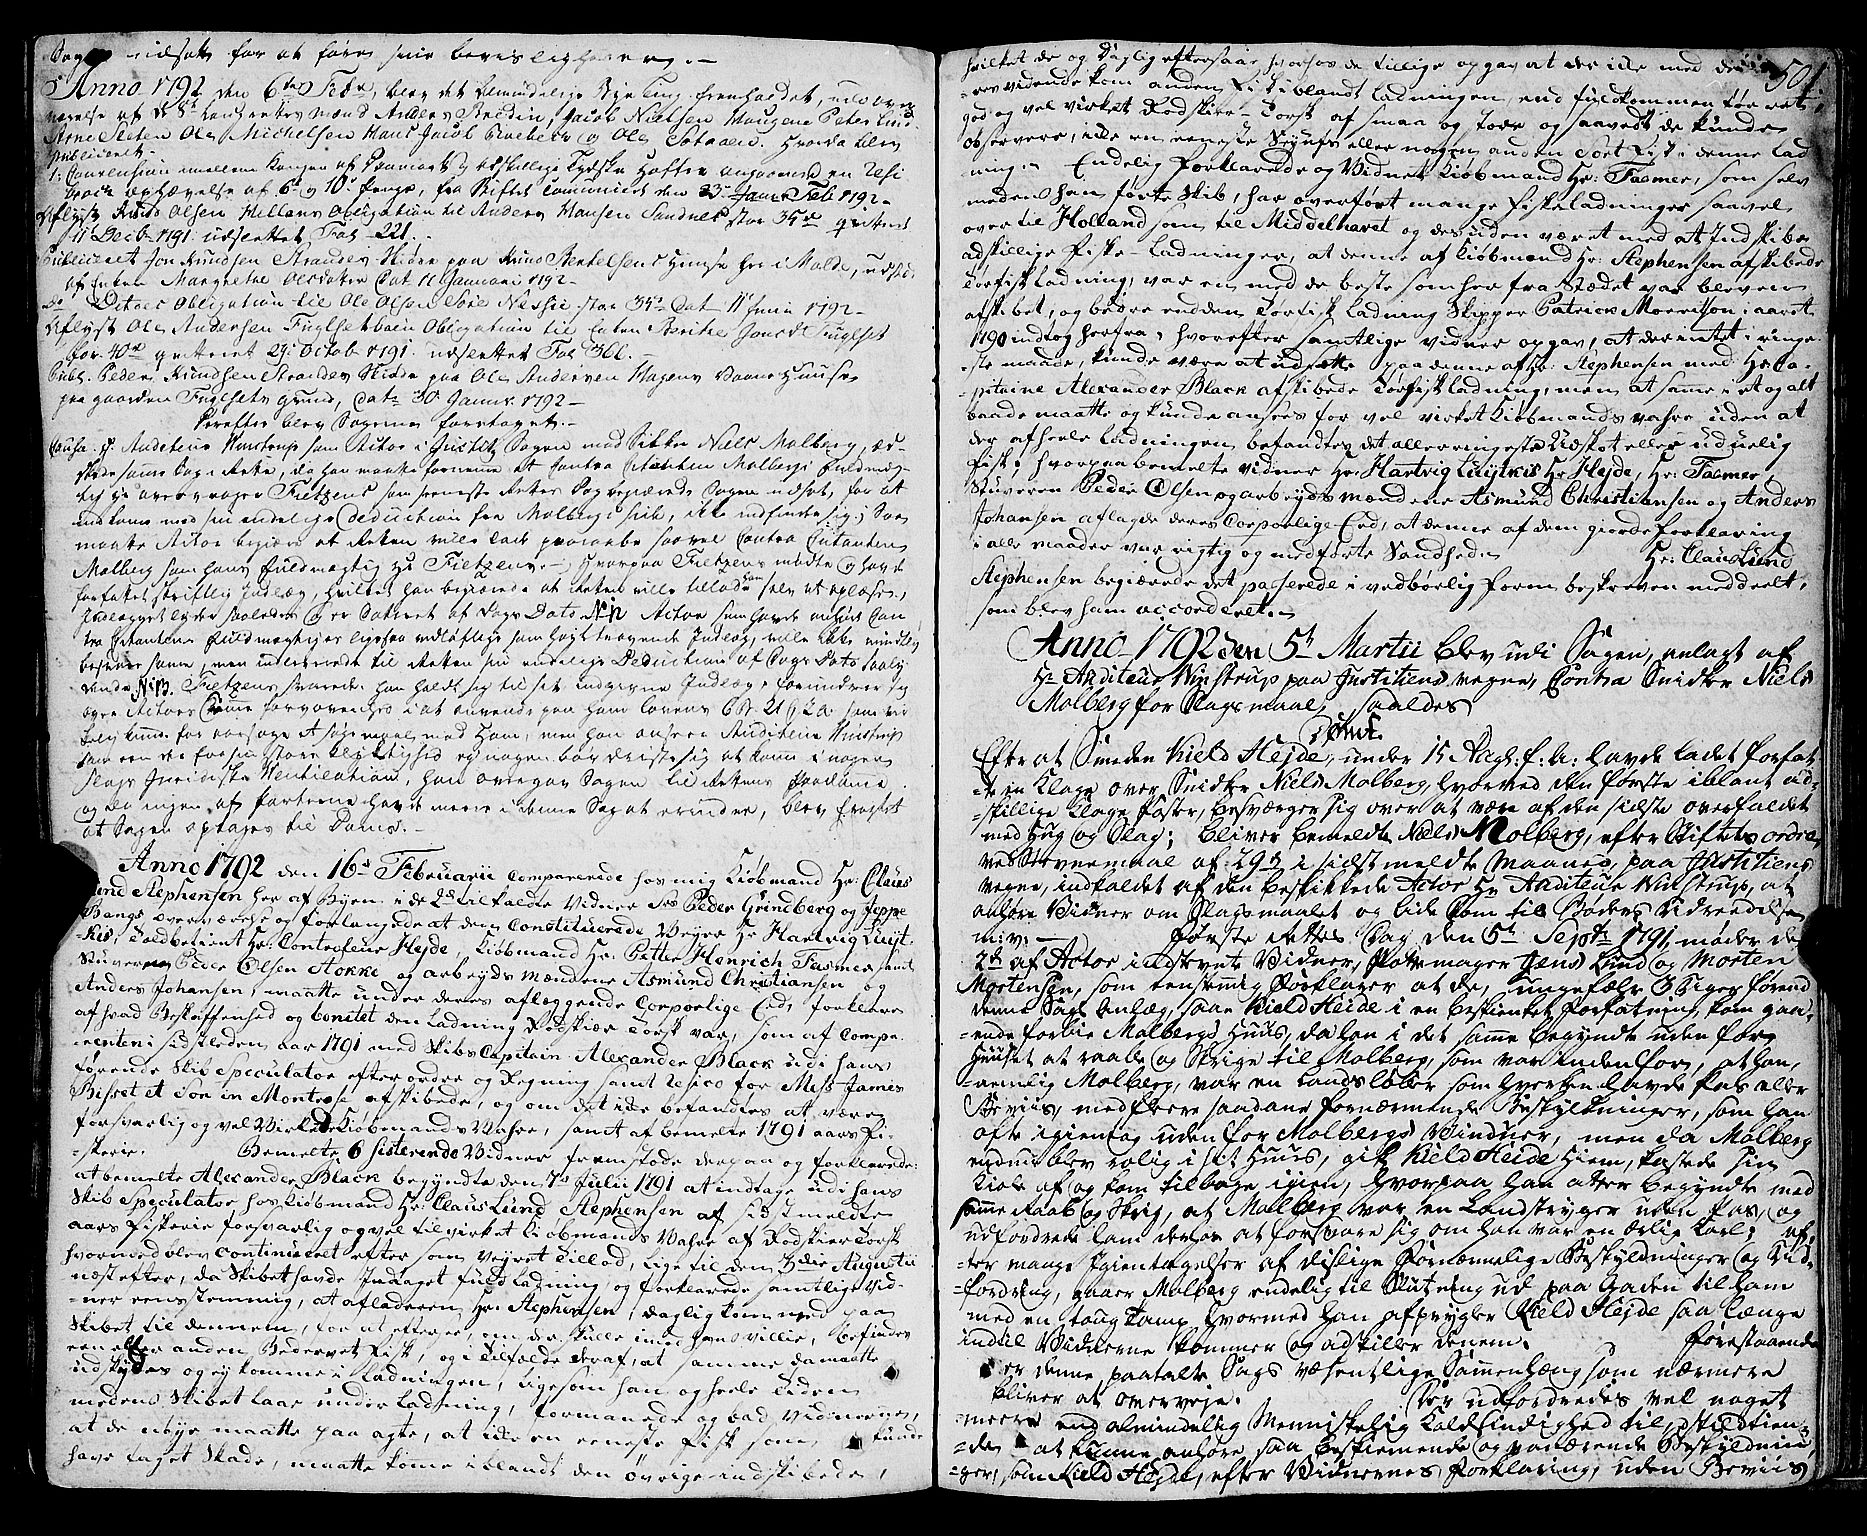 SAT, Molde byfogd, 1/1A/L0001: Justisprotokoll, 1764-1796, s. 502